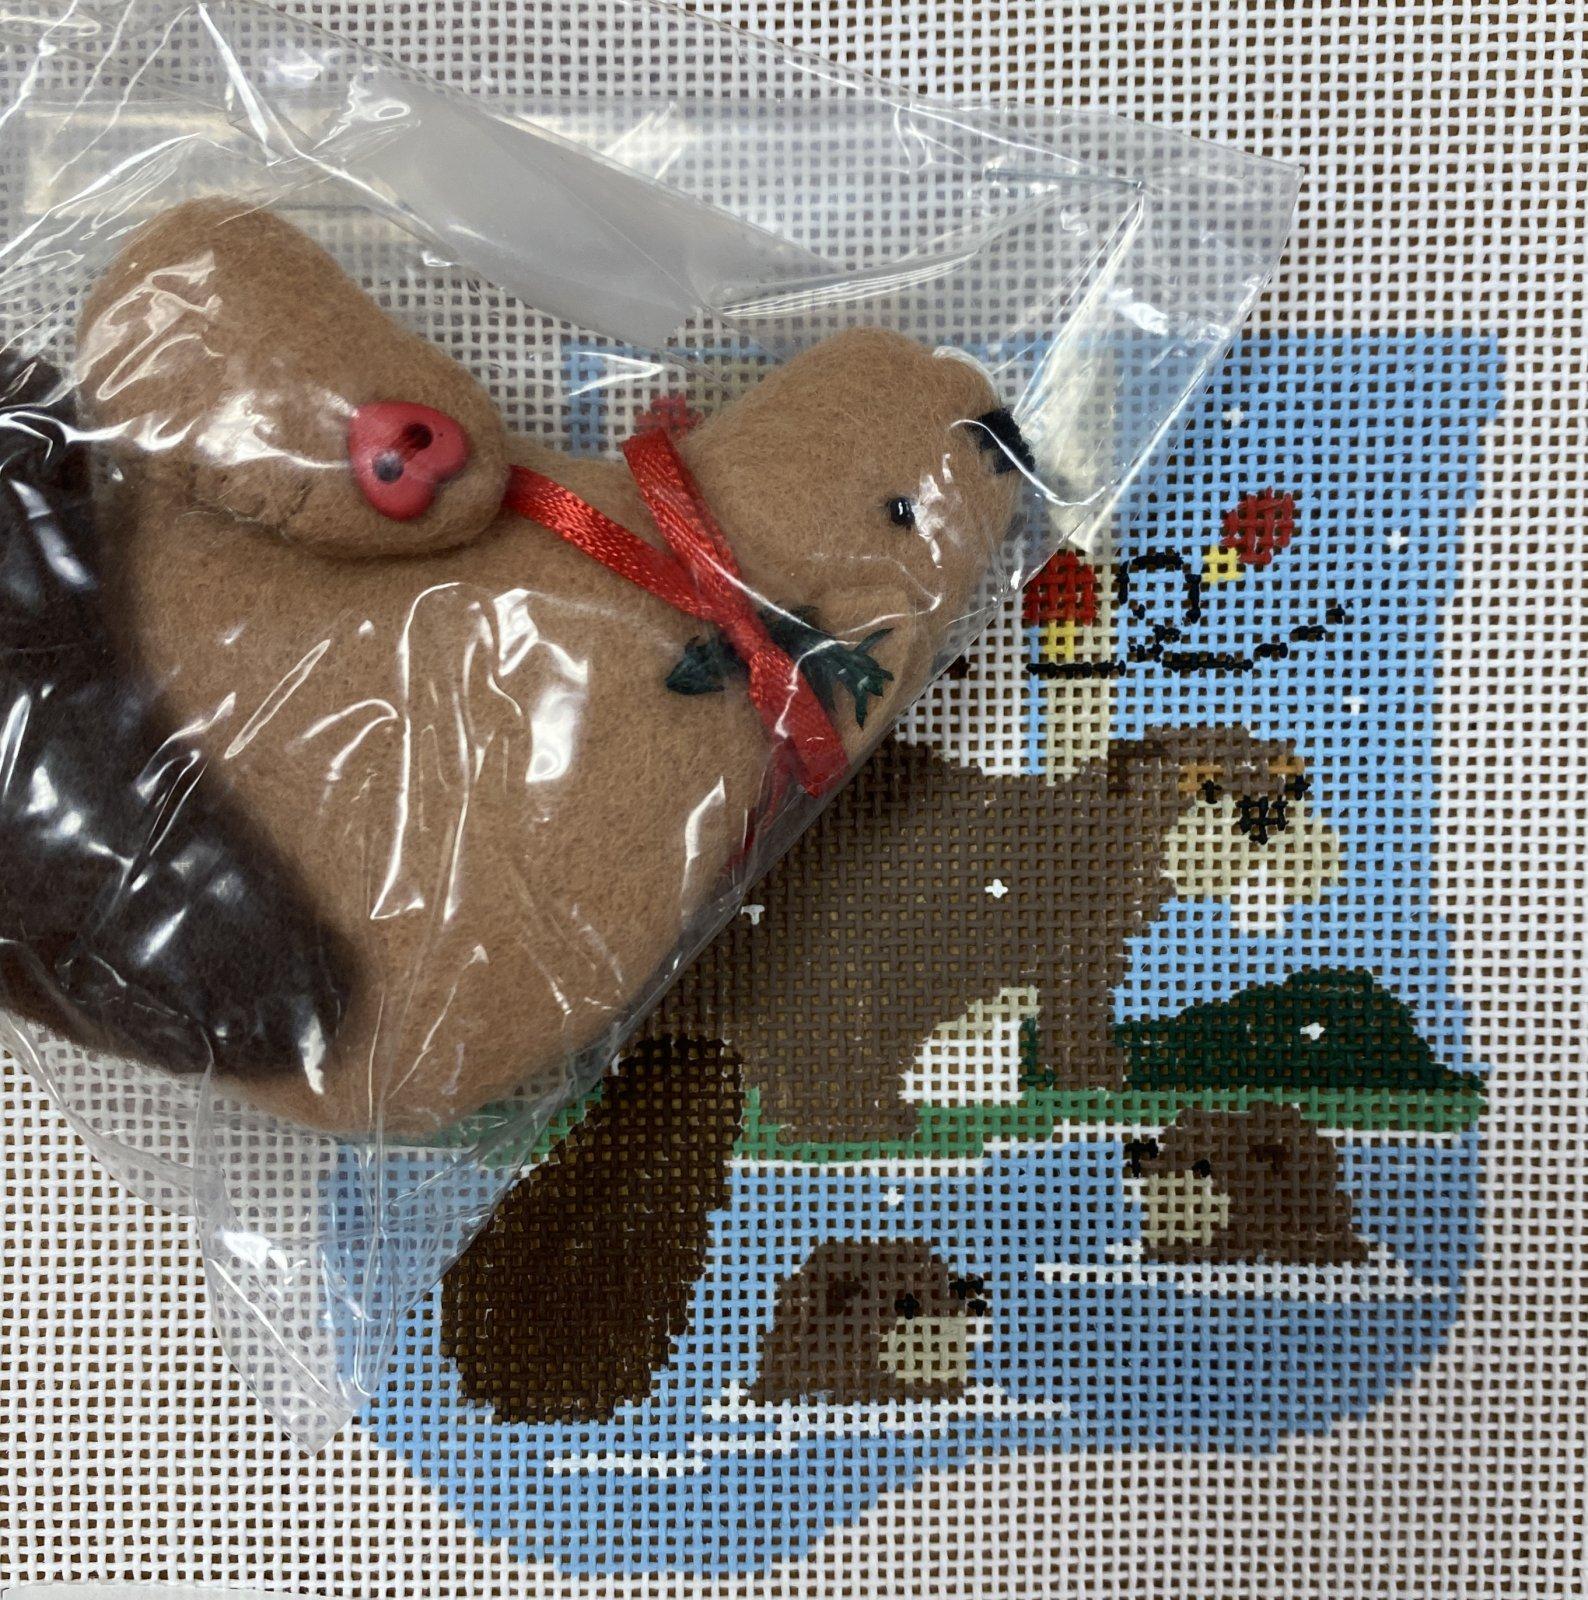 beavers swimming